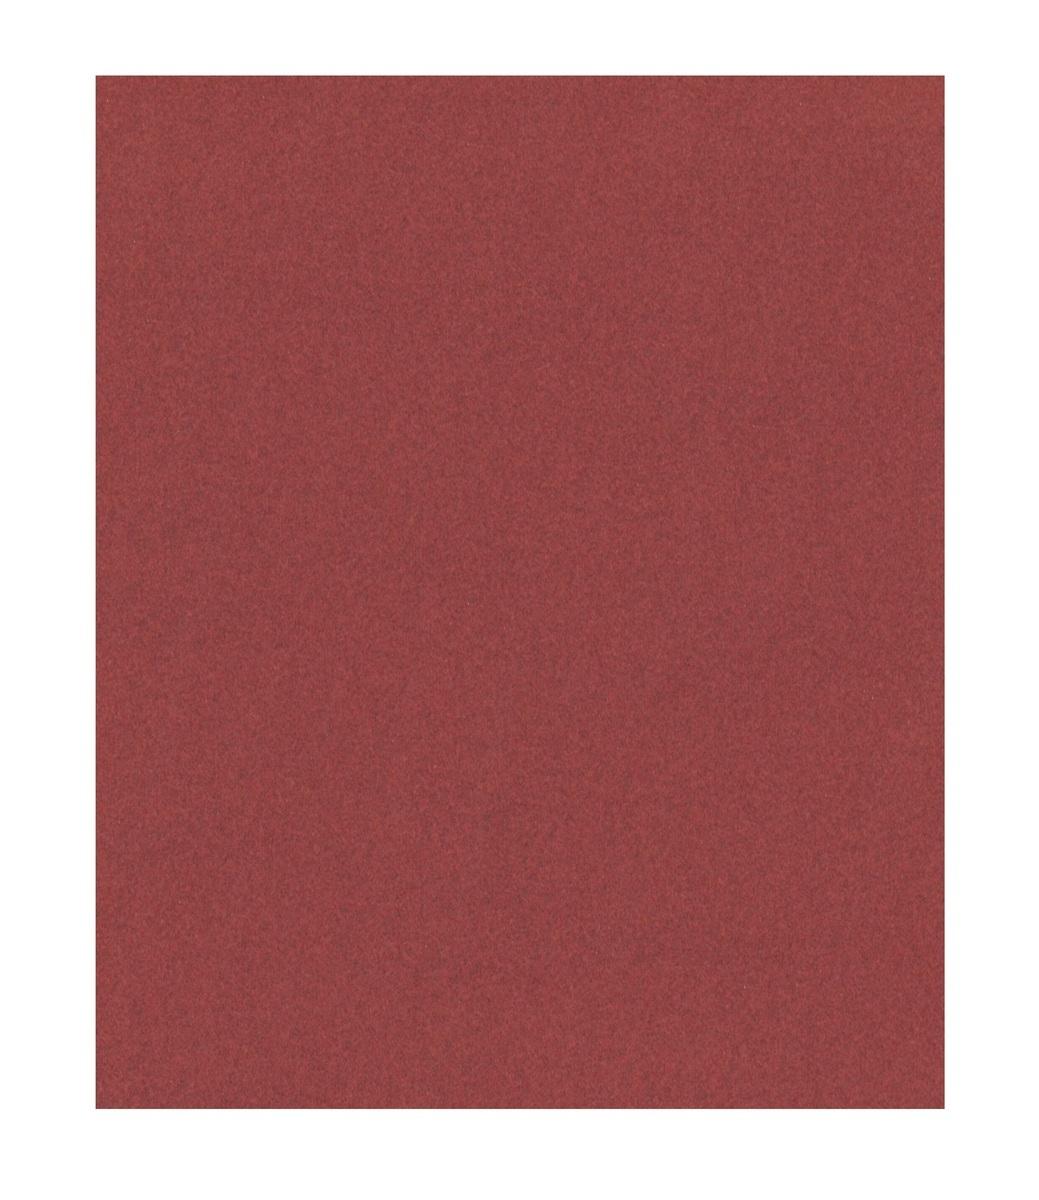 Brusný papír - smirek, hrubost P180, 230 x 280 mm